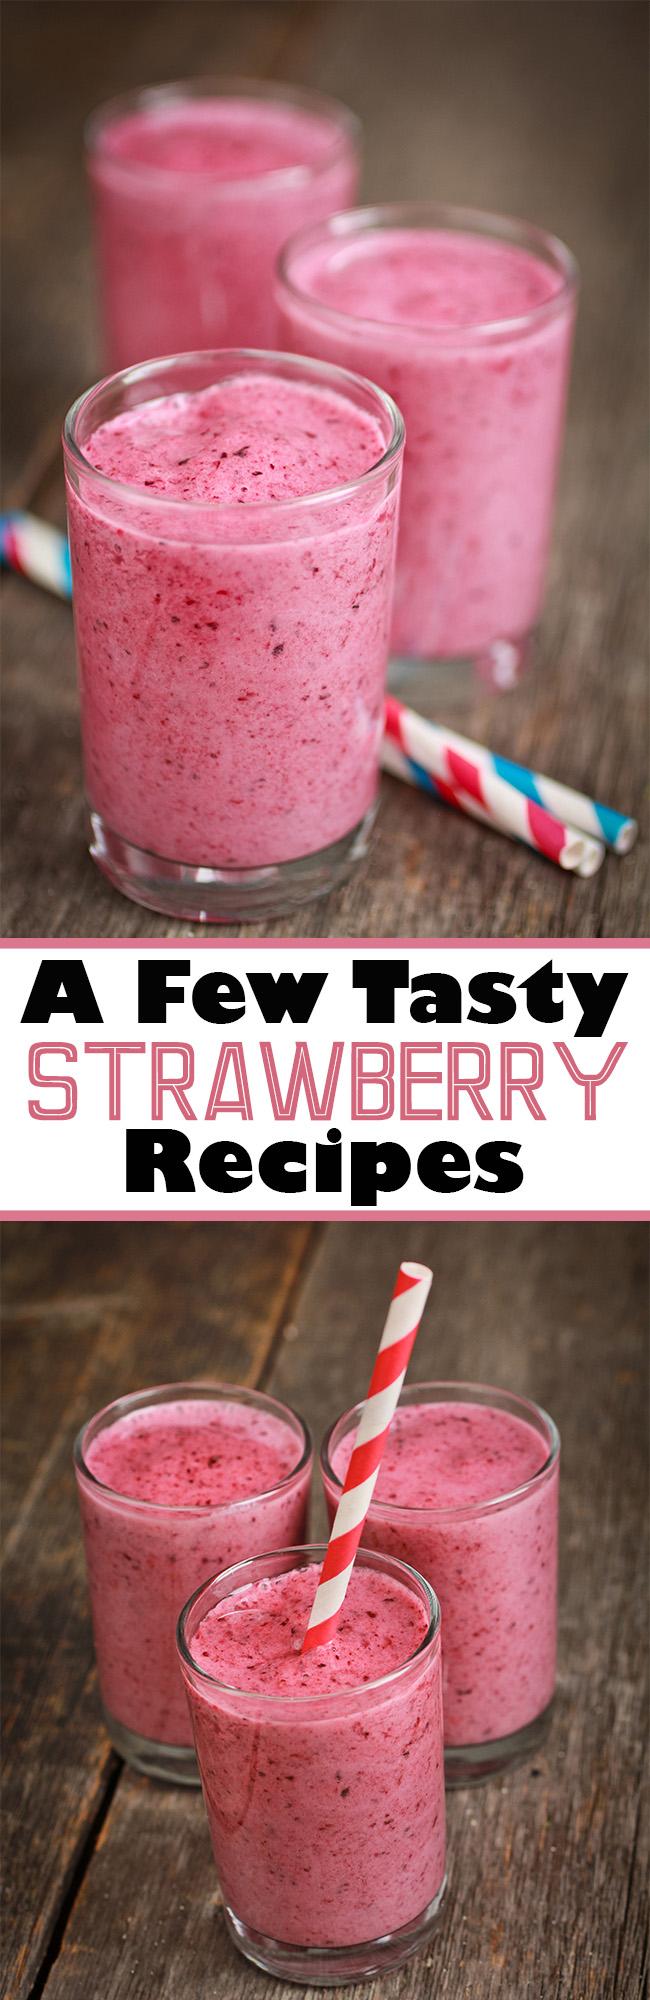 GDSGFSFSDAFF - A Few Tasty Strawberry Recipes